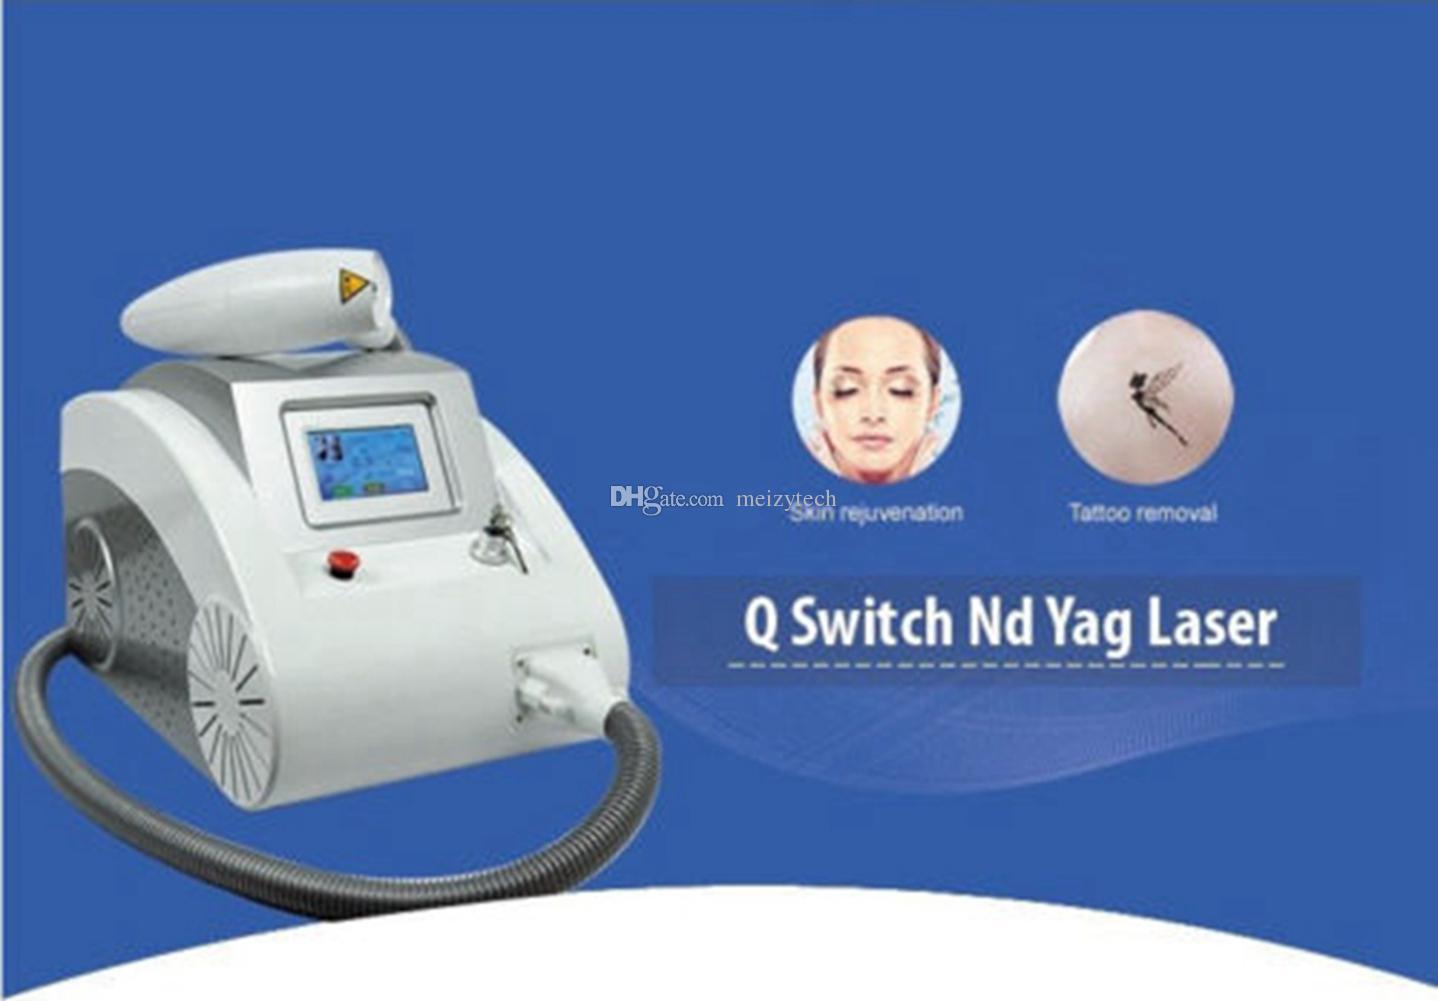 Machines de suppression de tatouage portable de haute qualité 532nm 1064nm 1320nm q commutateur ND YAG Laser Beauty Halky Device Whiten